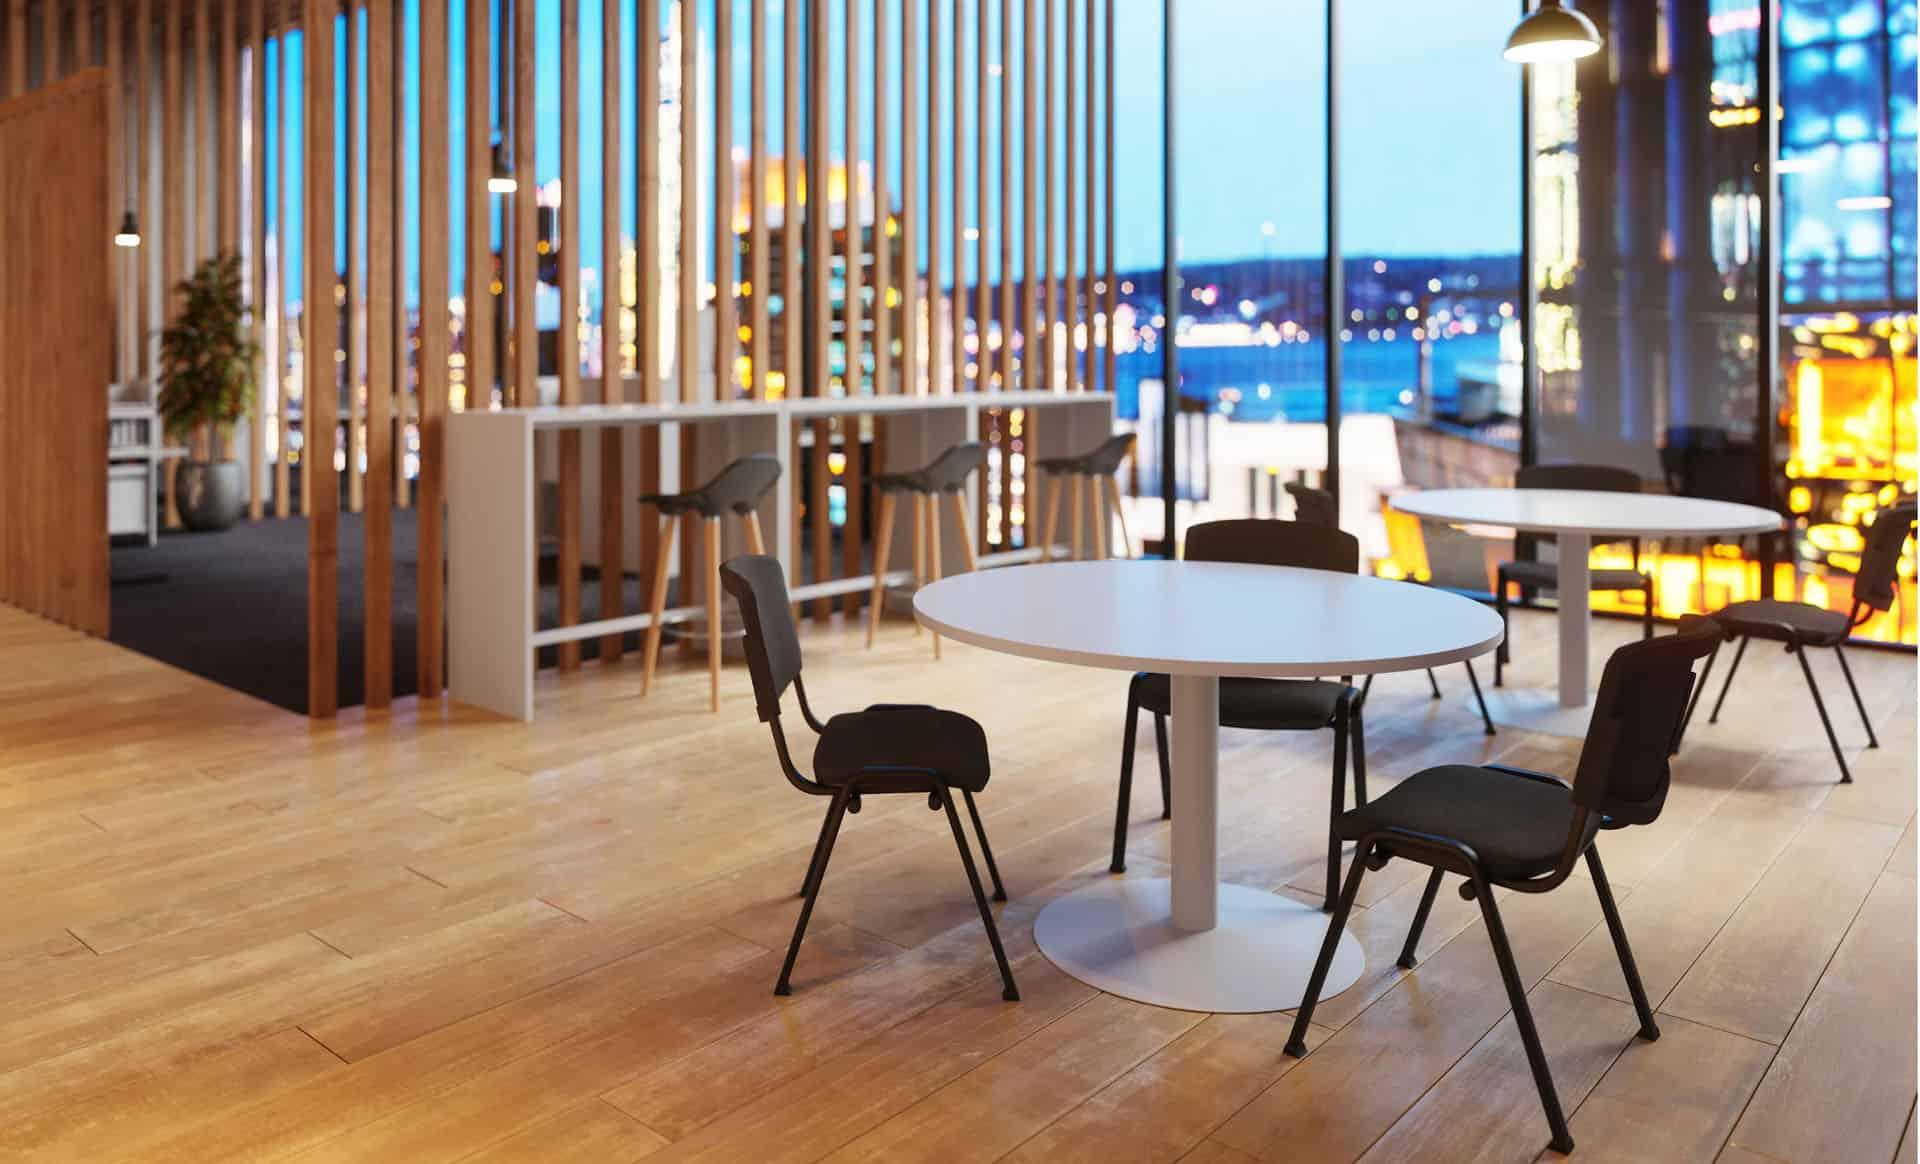 Mobilier de salle de réunion à Caen, Bayeux (Calvados -14) en Normandie - Buronomic Ensemble - Table ronde